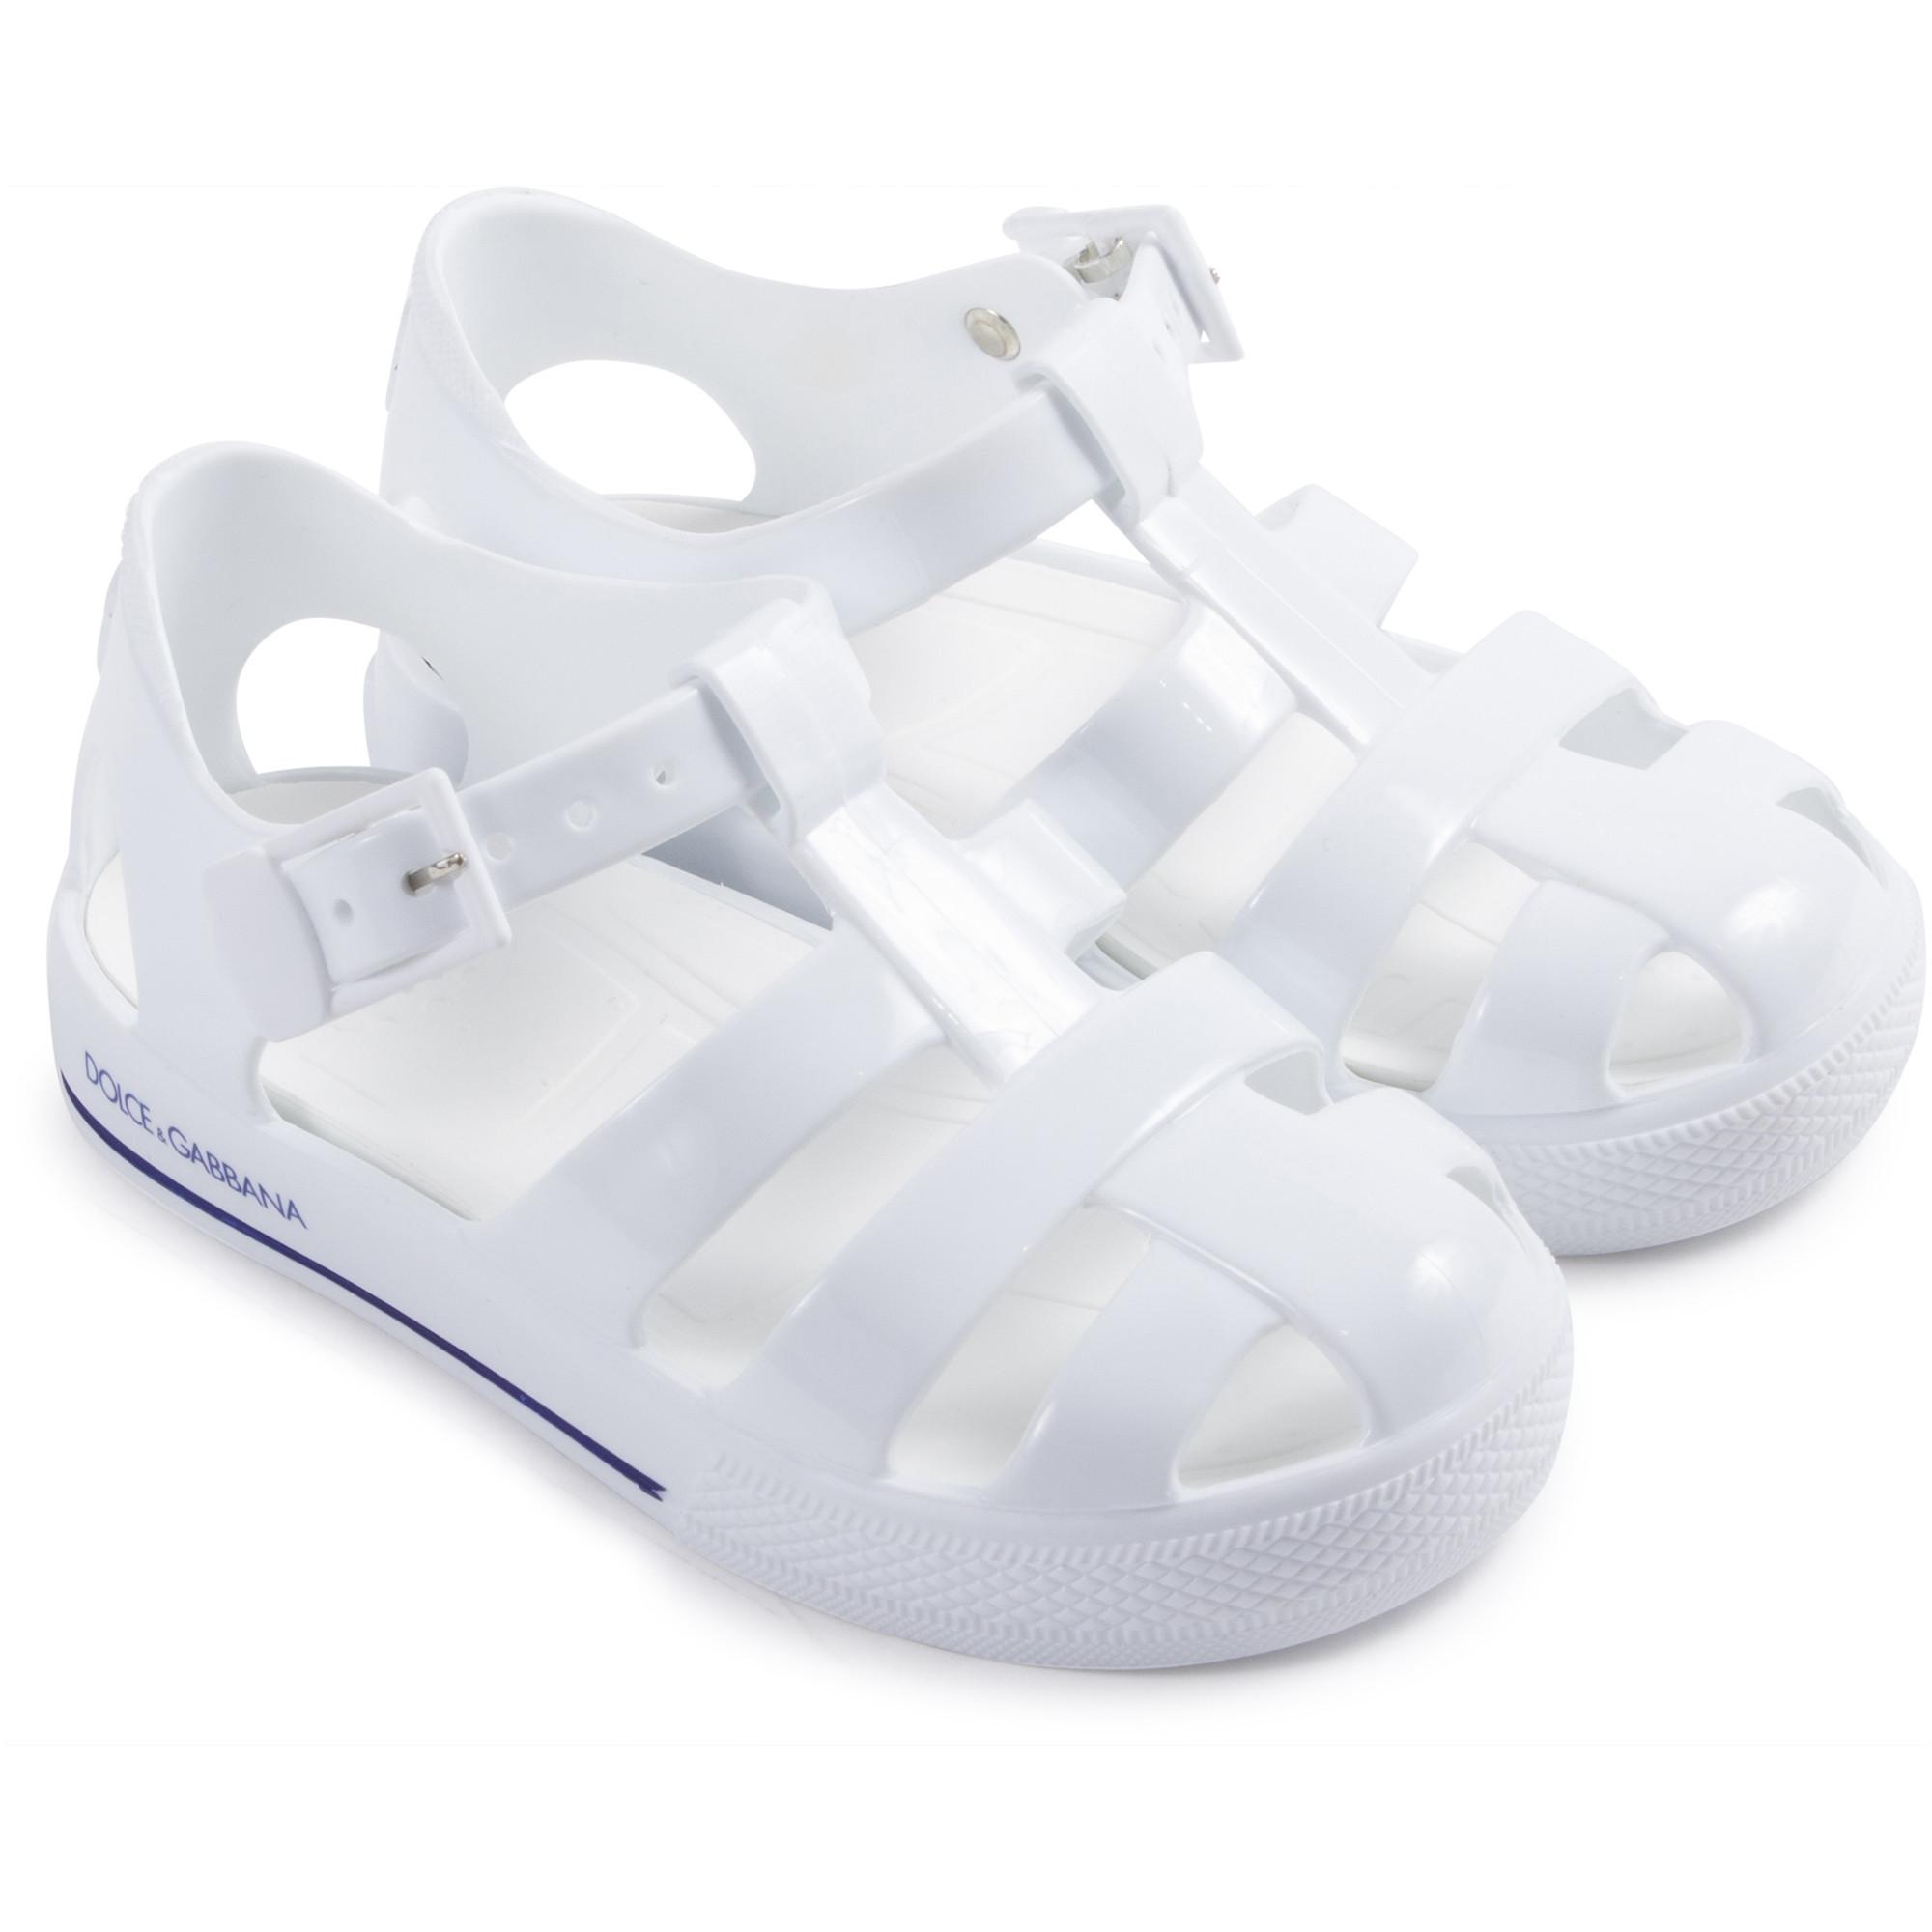 Dolce \u0026 Gabbana - Jelly Sandals in